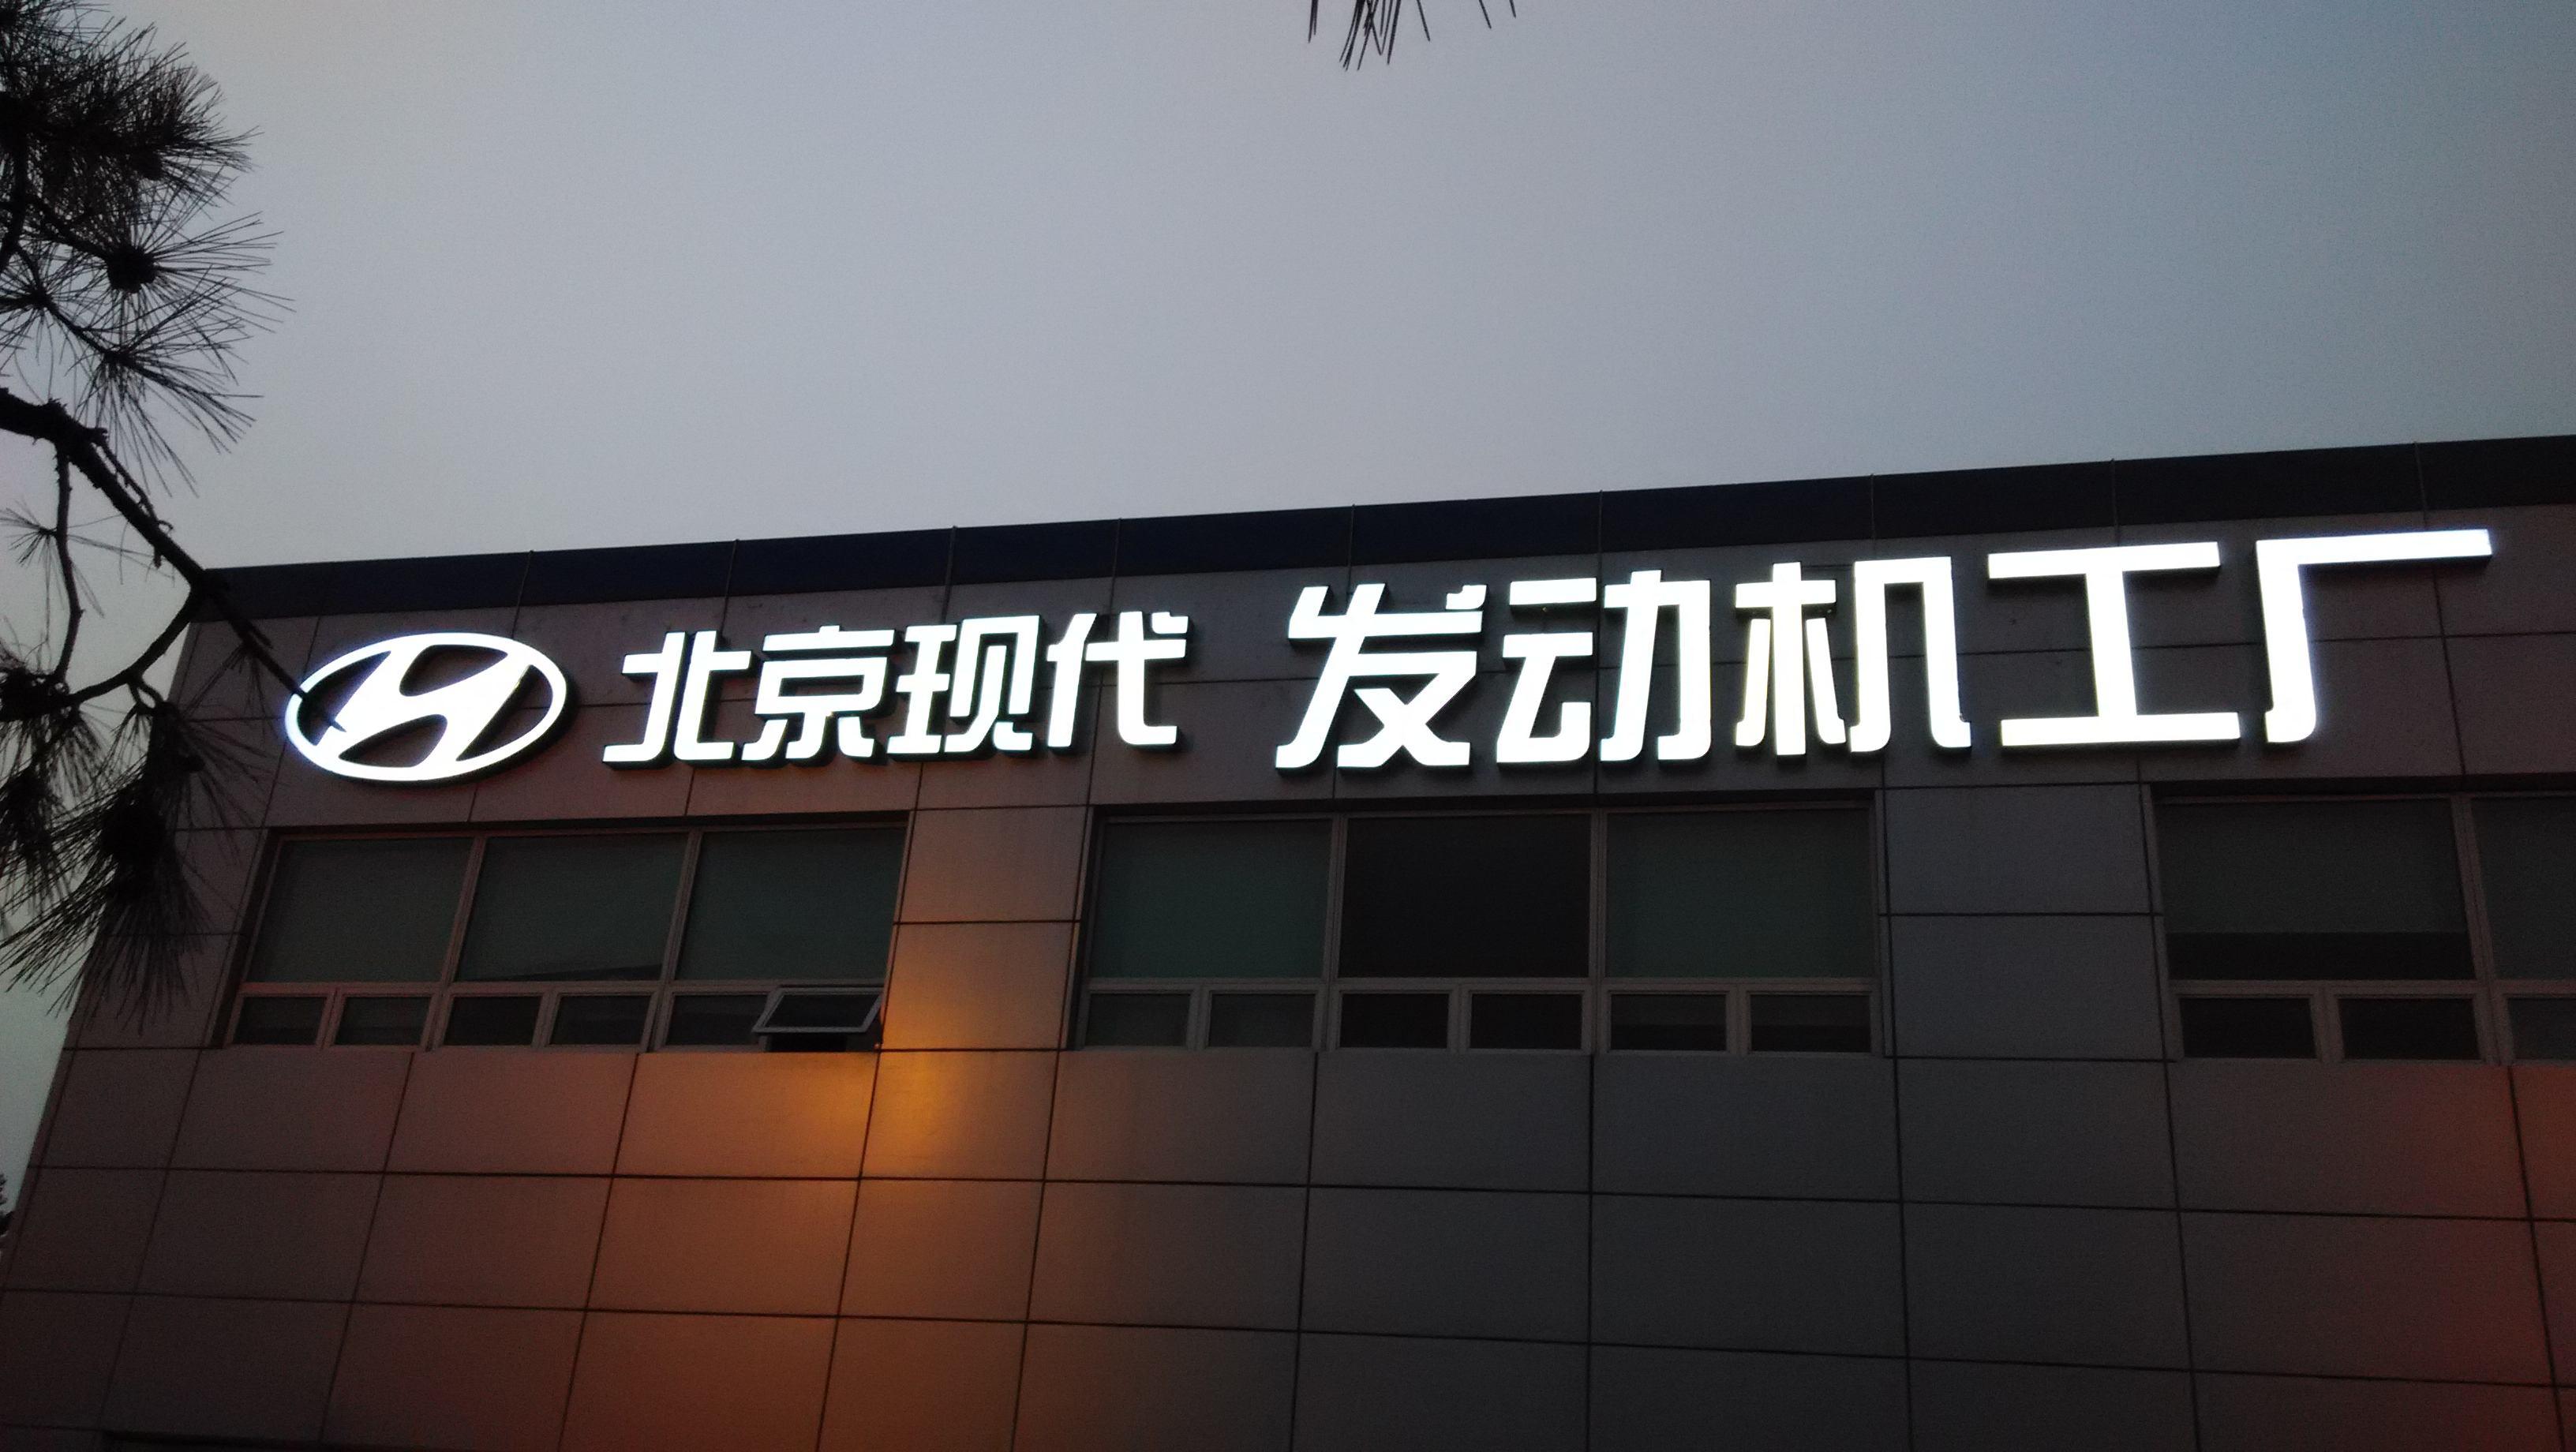 北京通州LED发光字报价 北京通州LED发光字设计公司